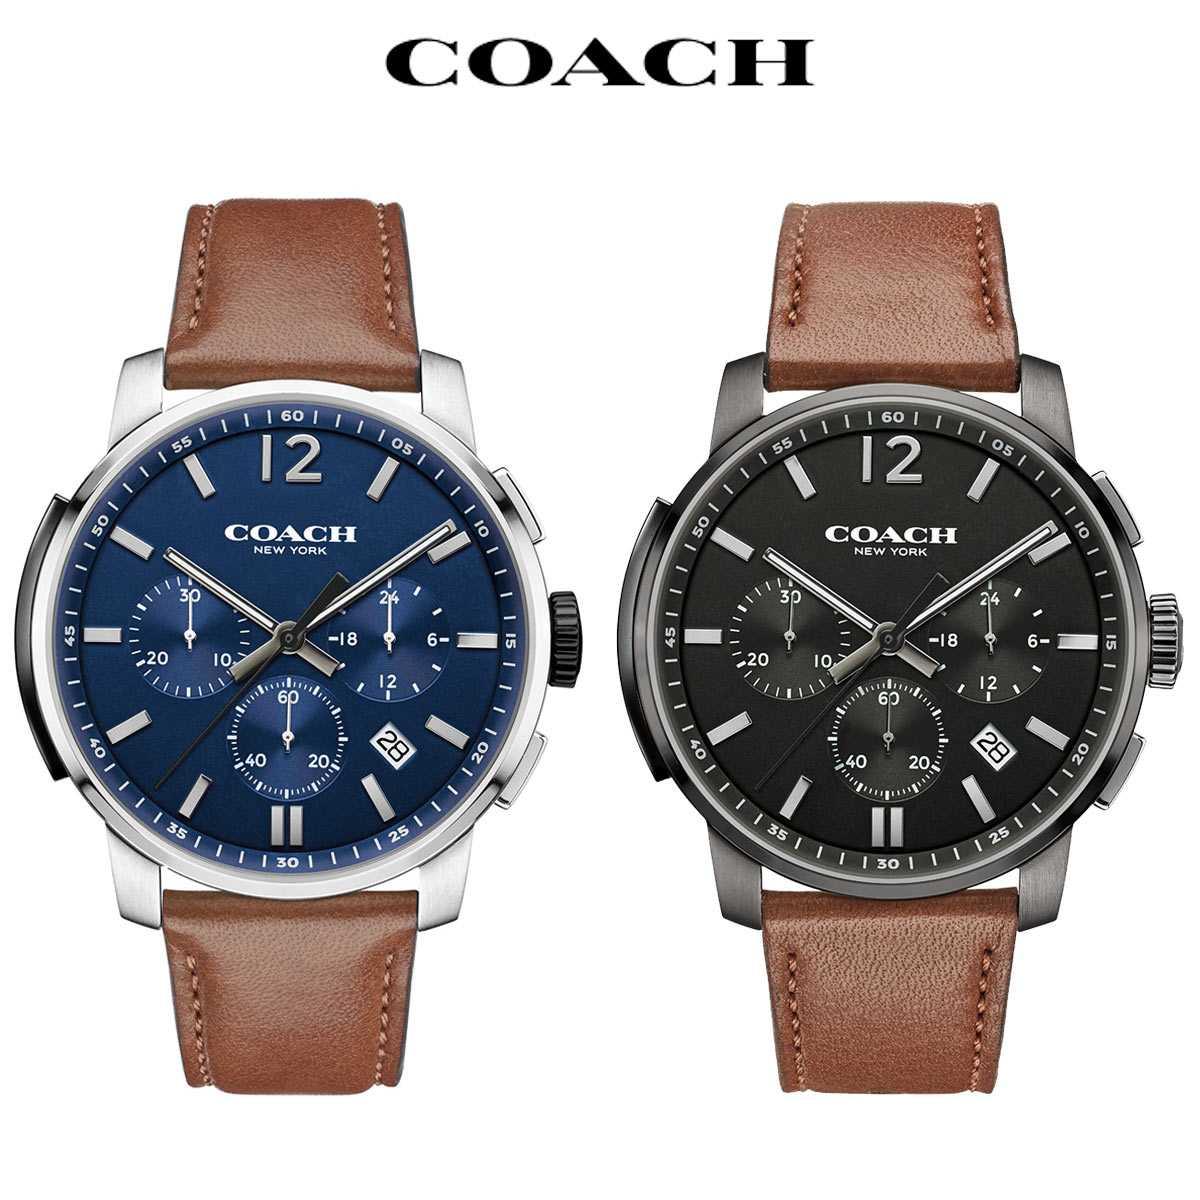 防水 ブランド Bleeker コーチ 男性 COACH メンズ おしゃれ 腕時計 後払い ブリーカー 時計